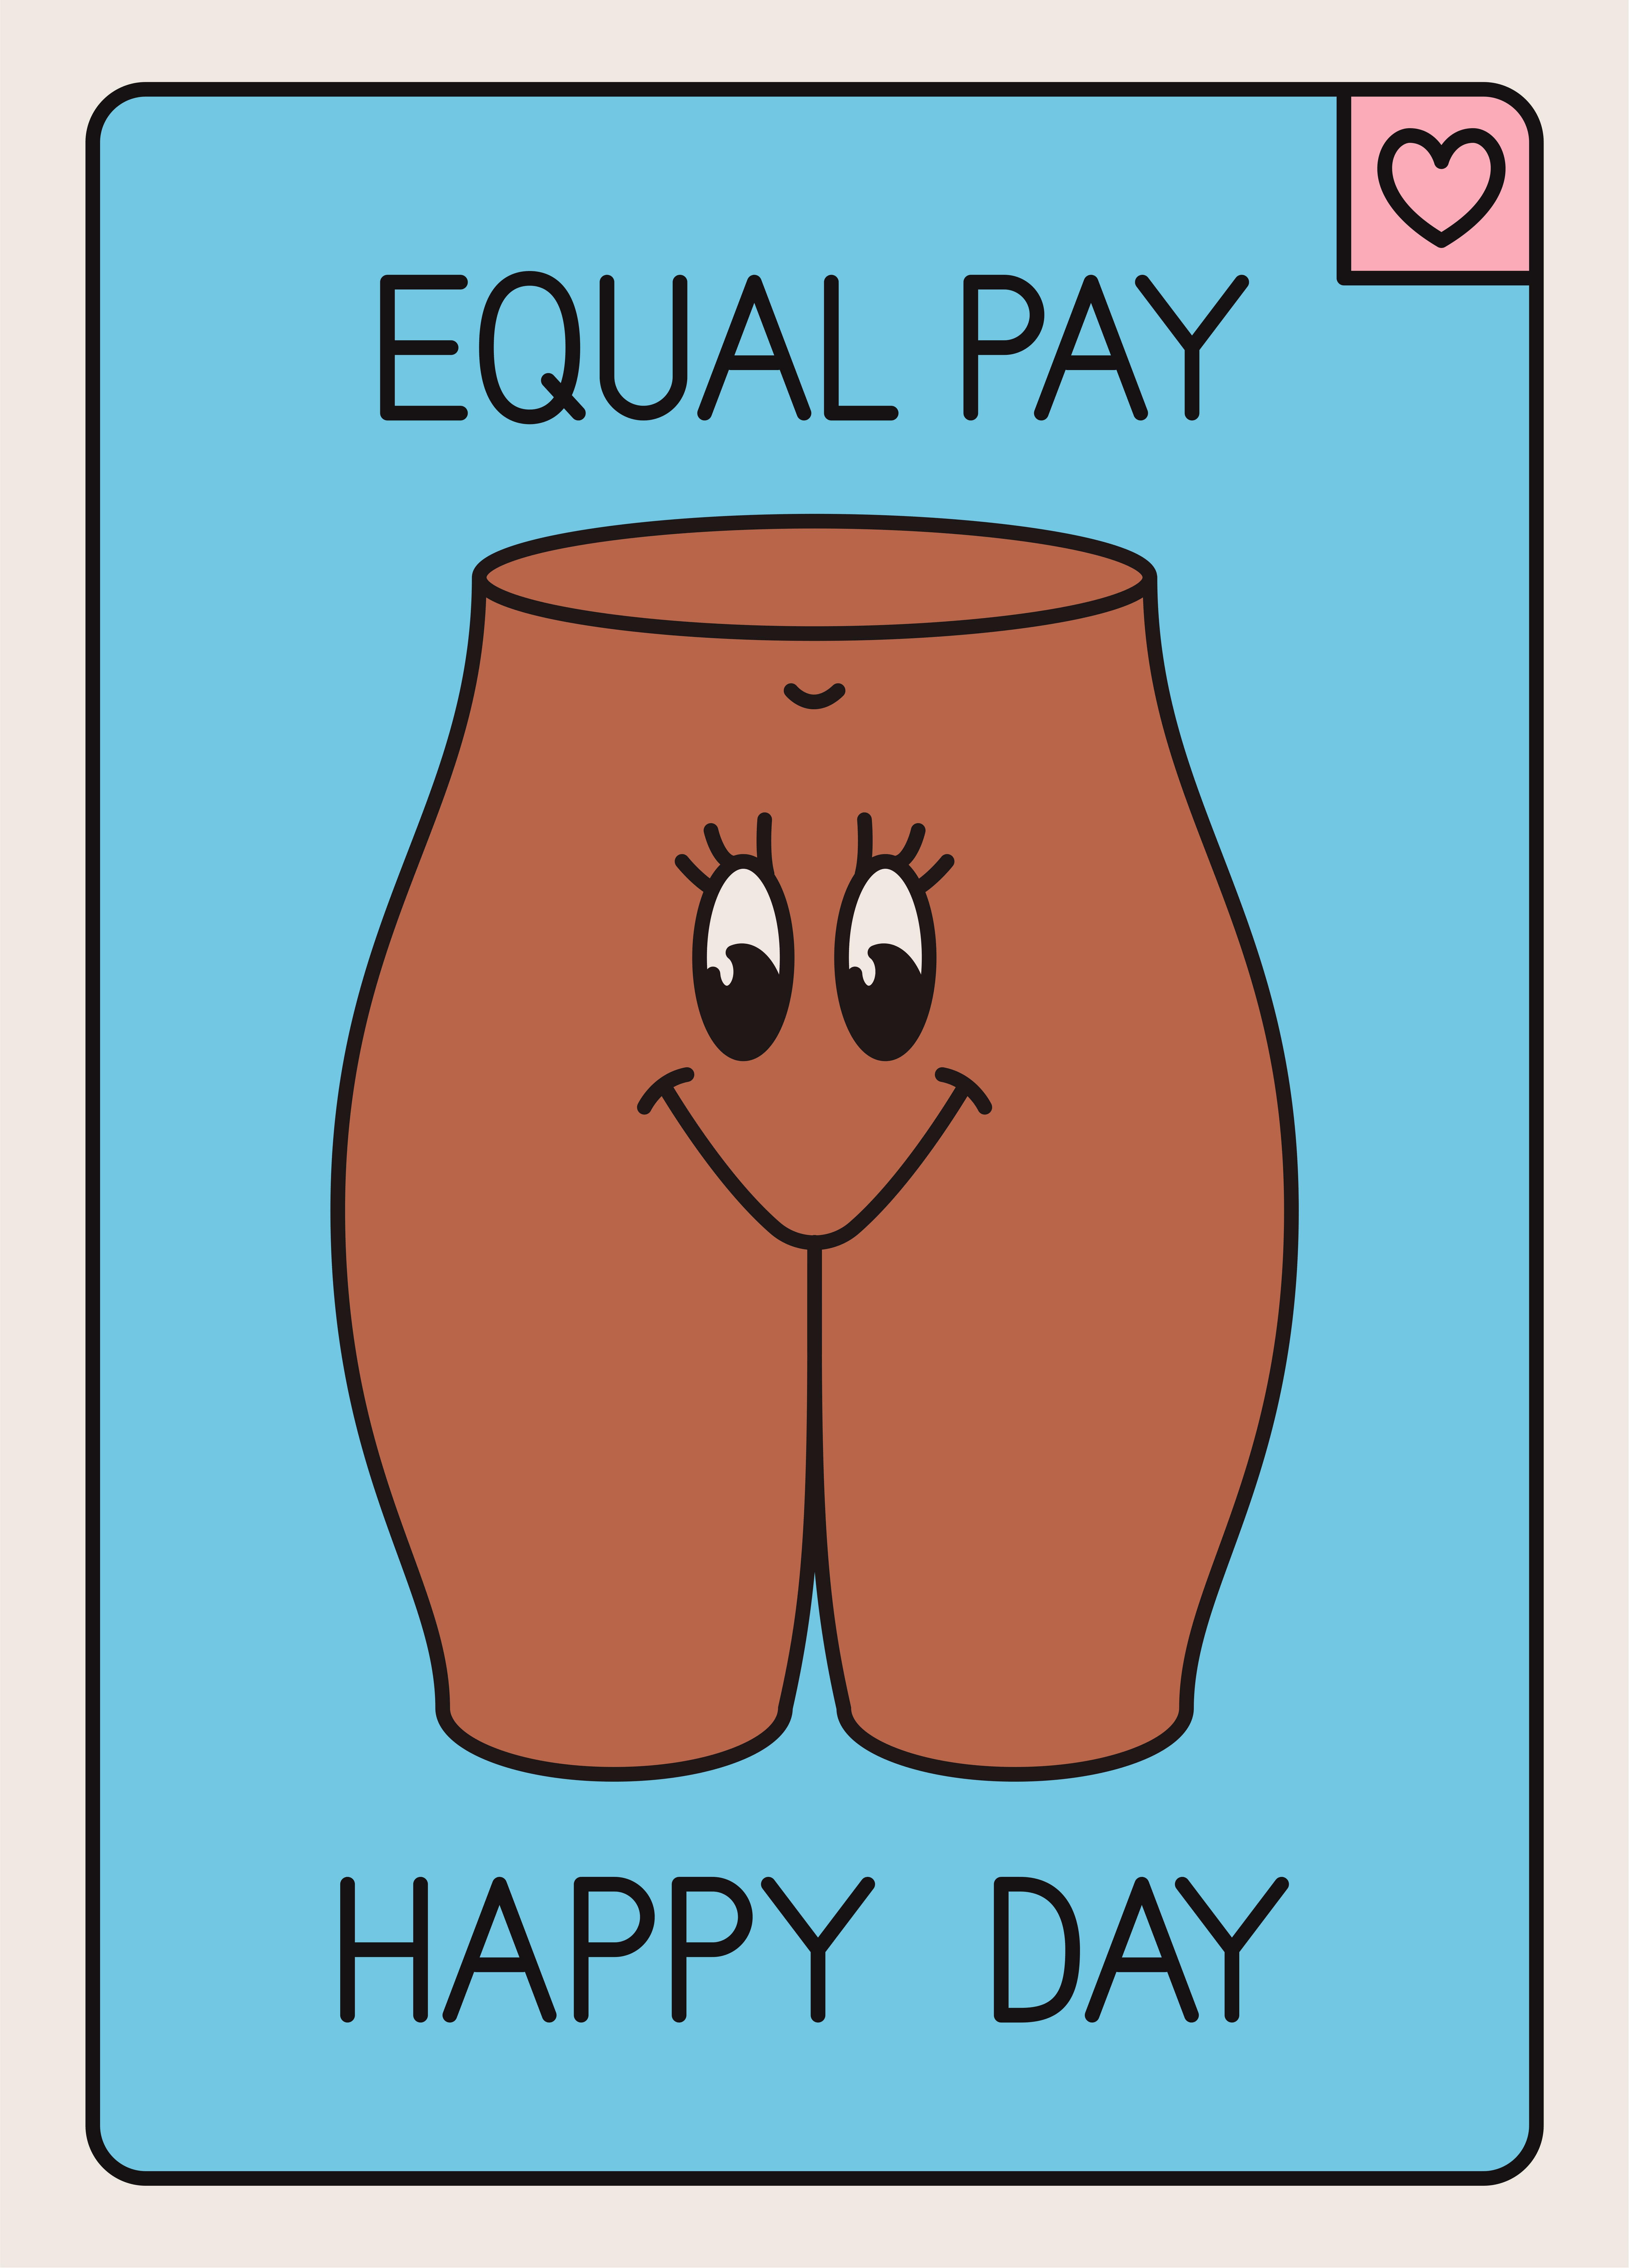 Equality main image